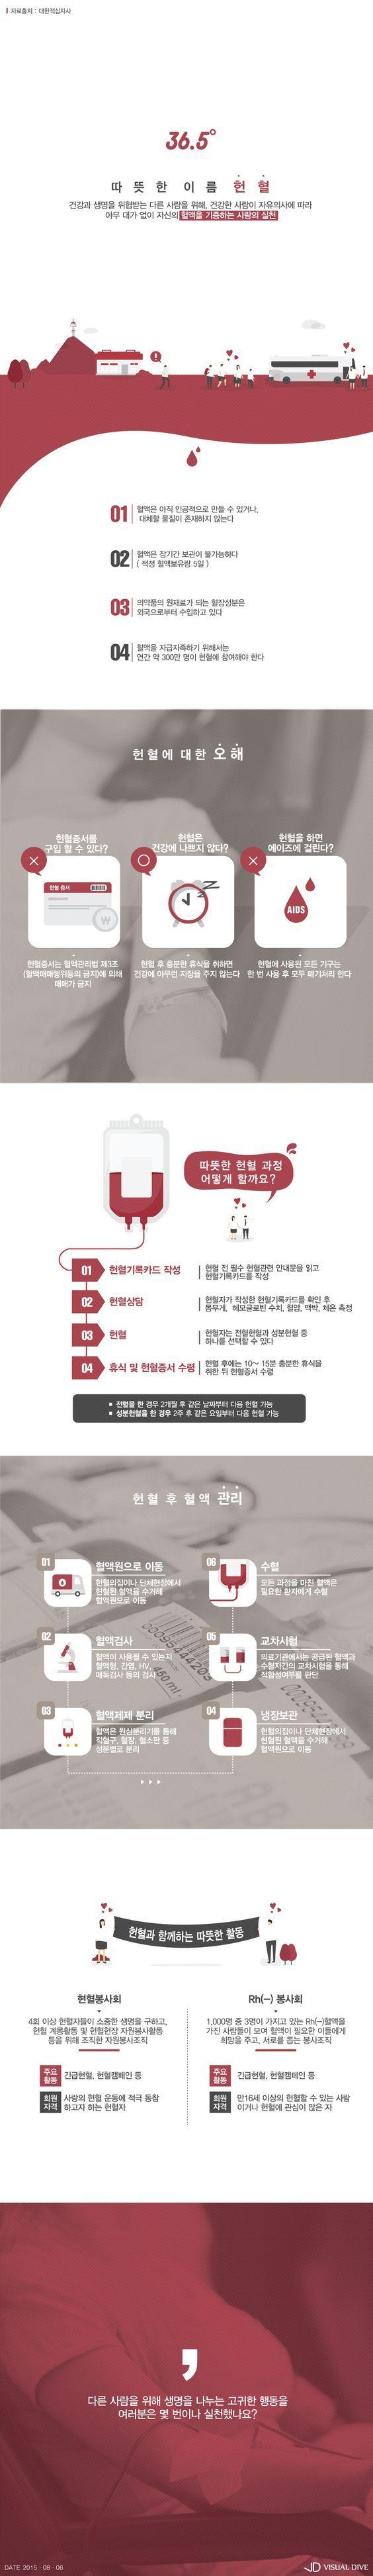 '36.5℃의 사랑' 헌혈 참여하세요 [인포그래픽] #Blood / #Infographic ⓒ 비주얼다이브 무단 복사·전재·재배포 금지: